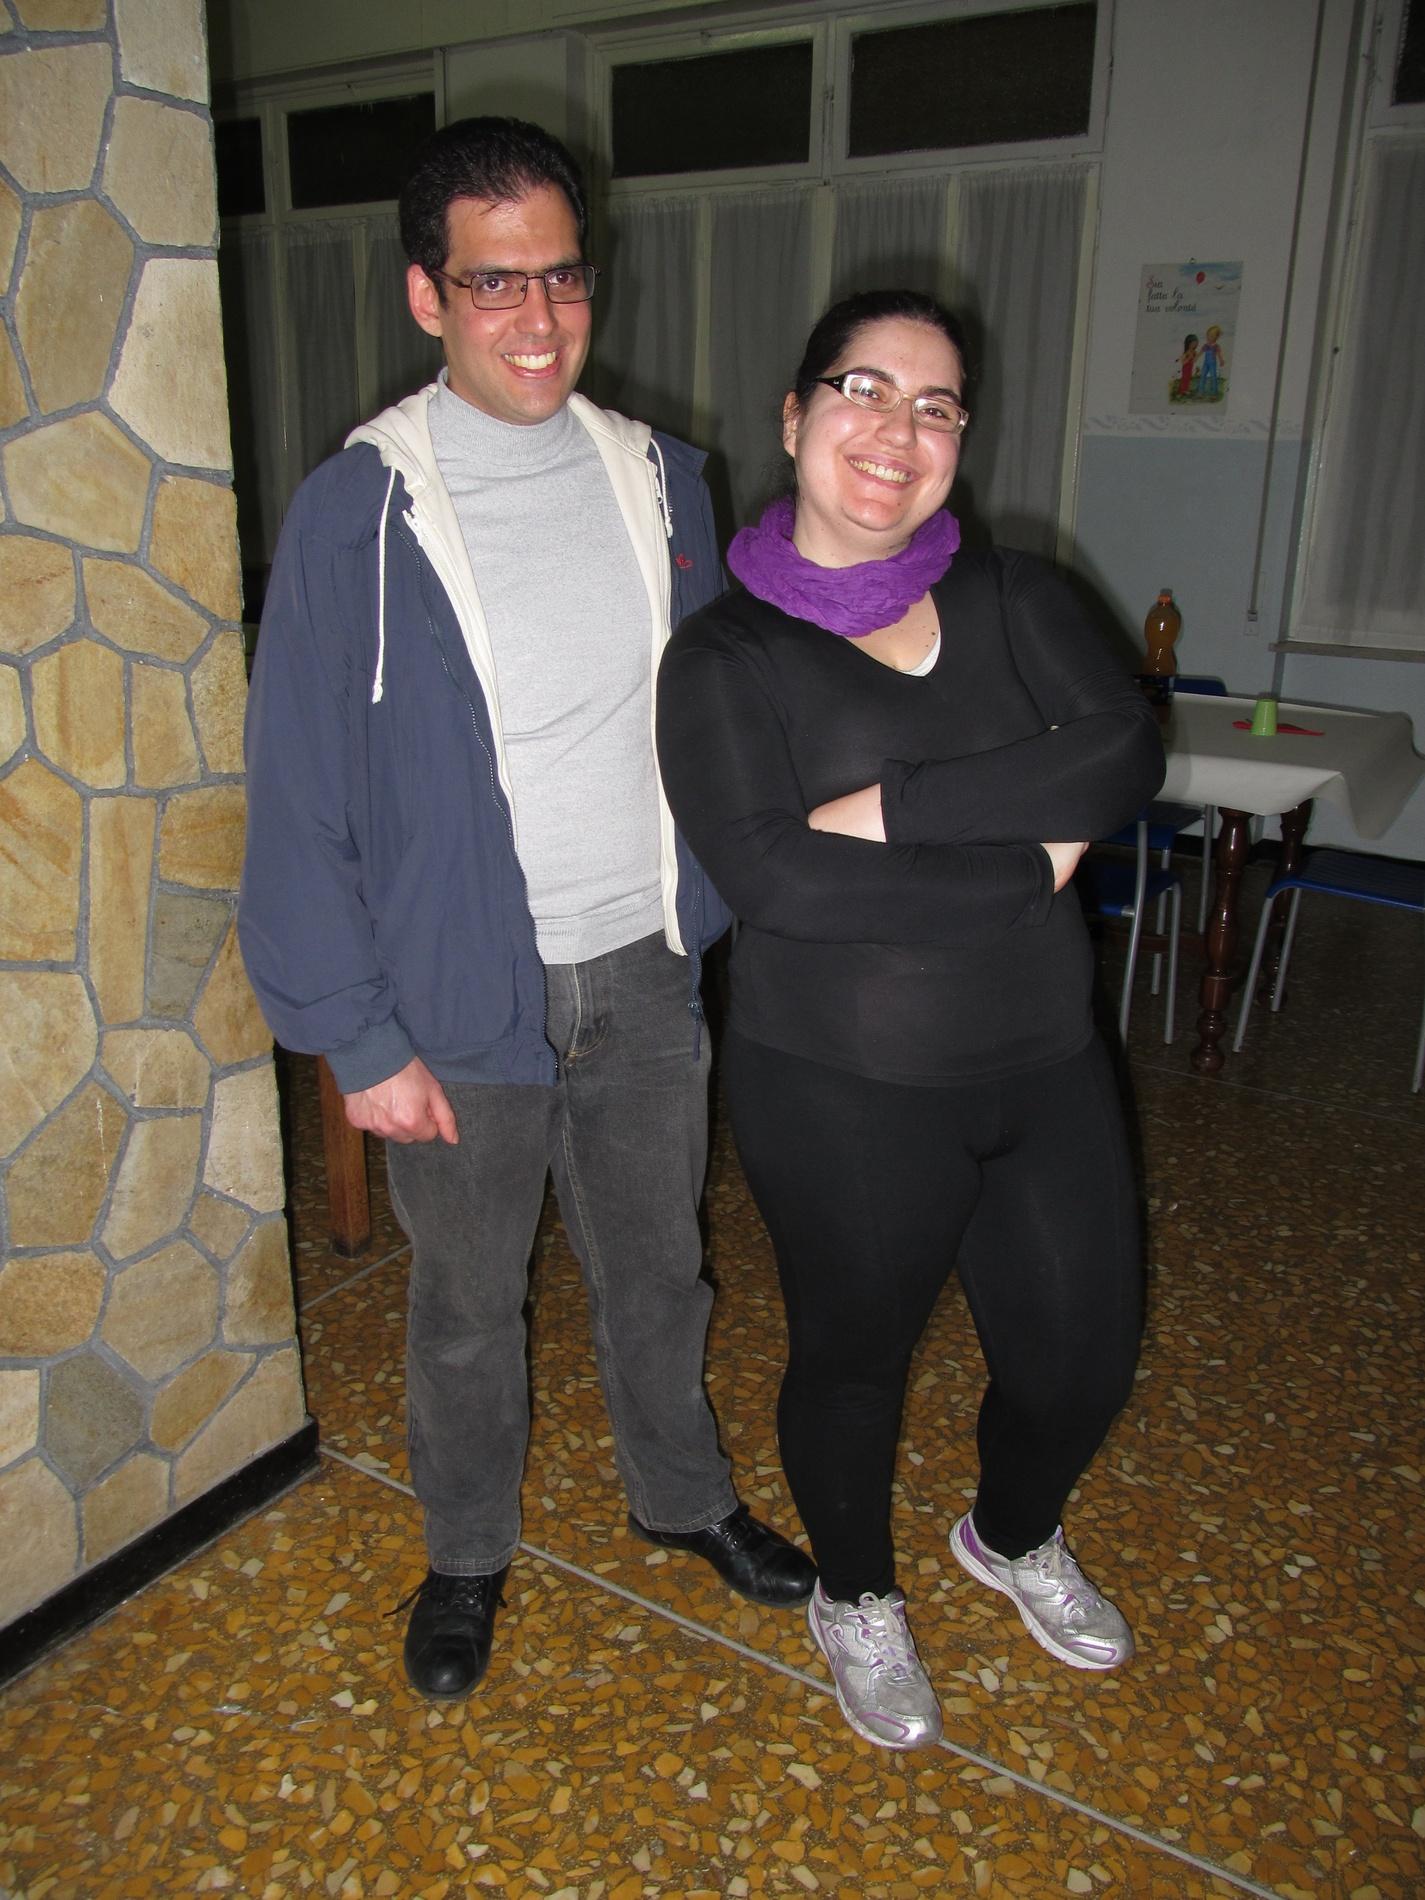 cena-famiglie-prima-comunione-2015-04-17-20-02-02_0